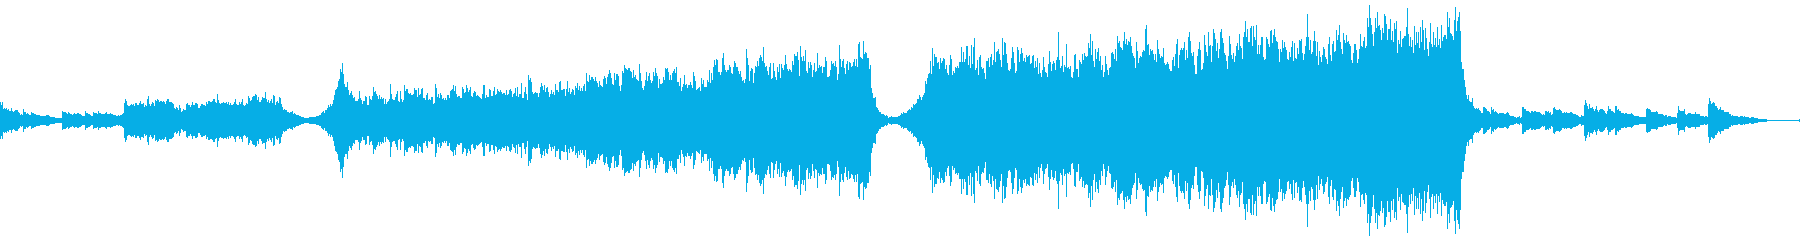 【予告編】トレーラー・エピック・ヒーローの再生済みの波形